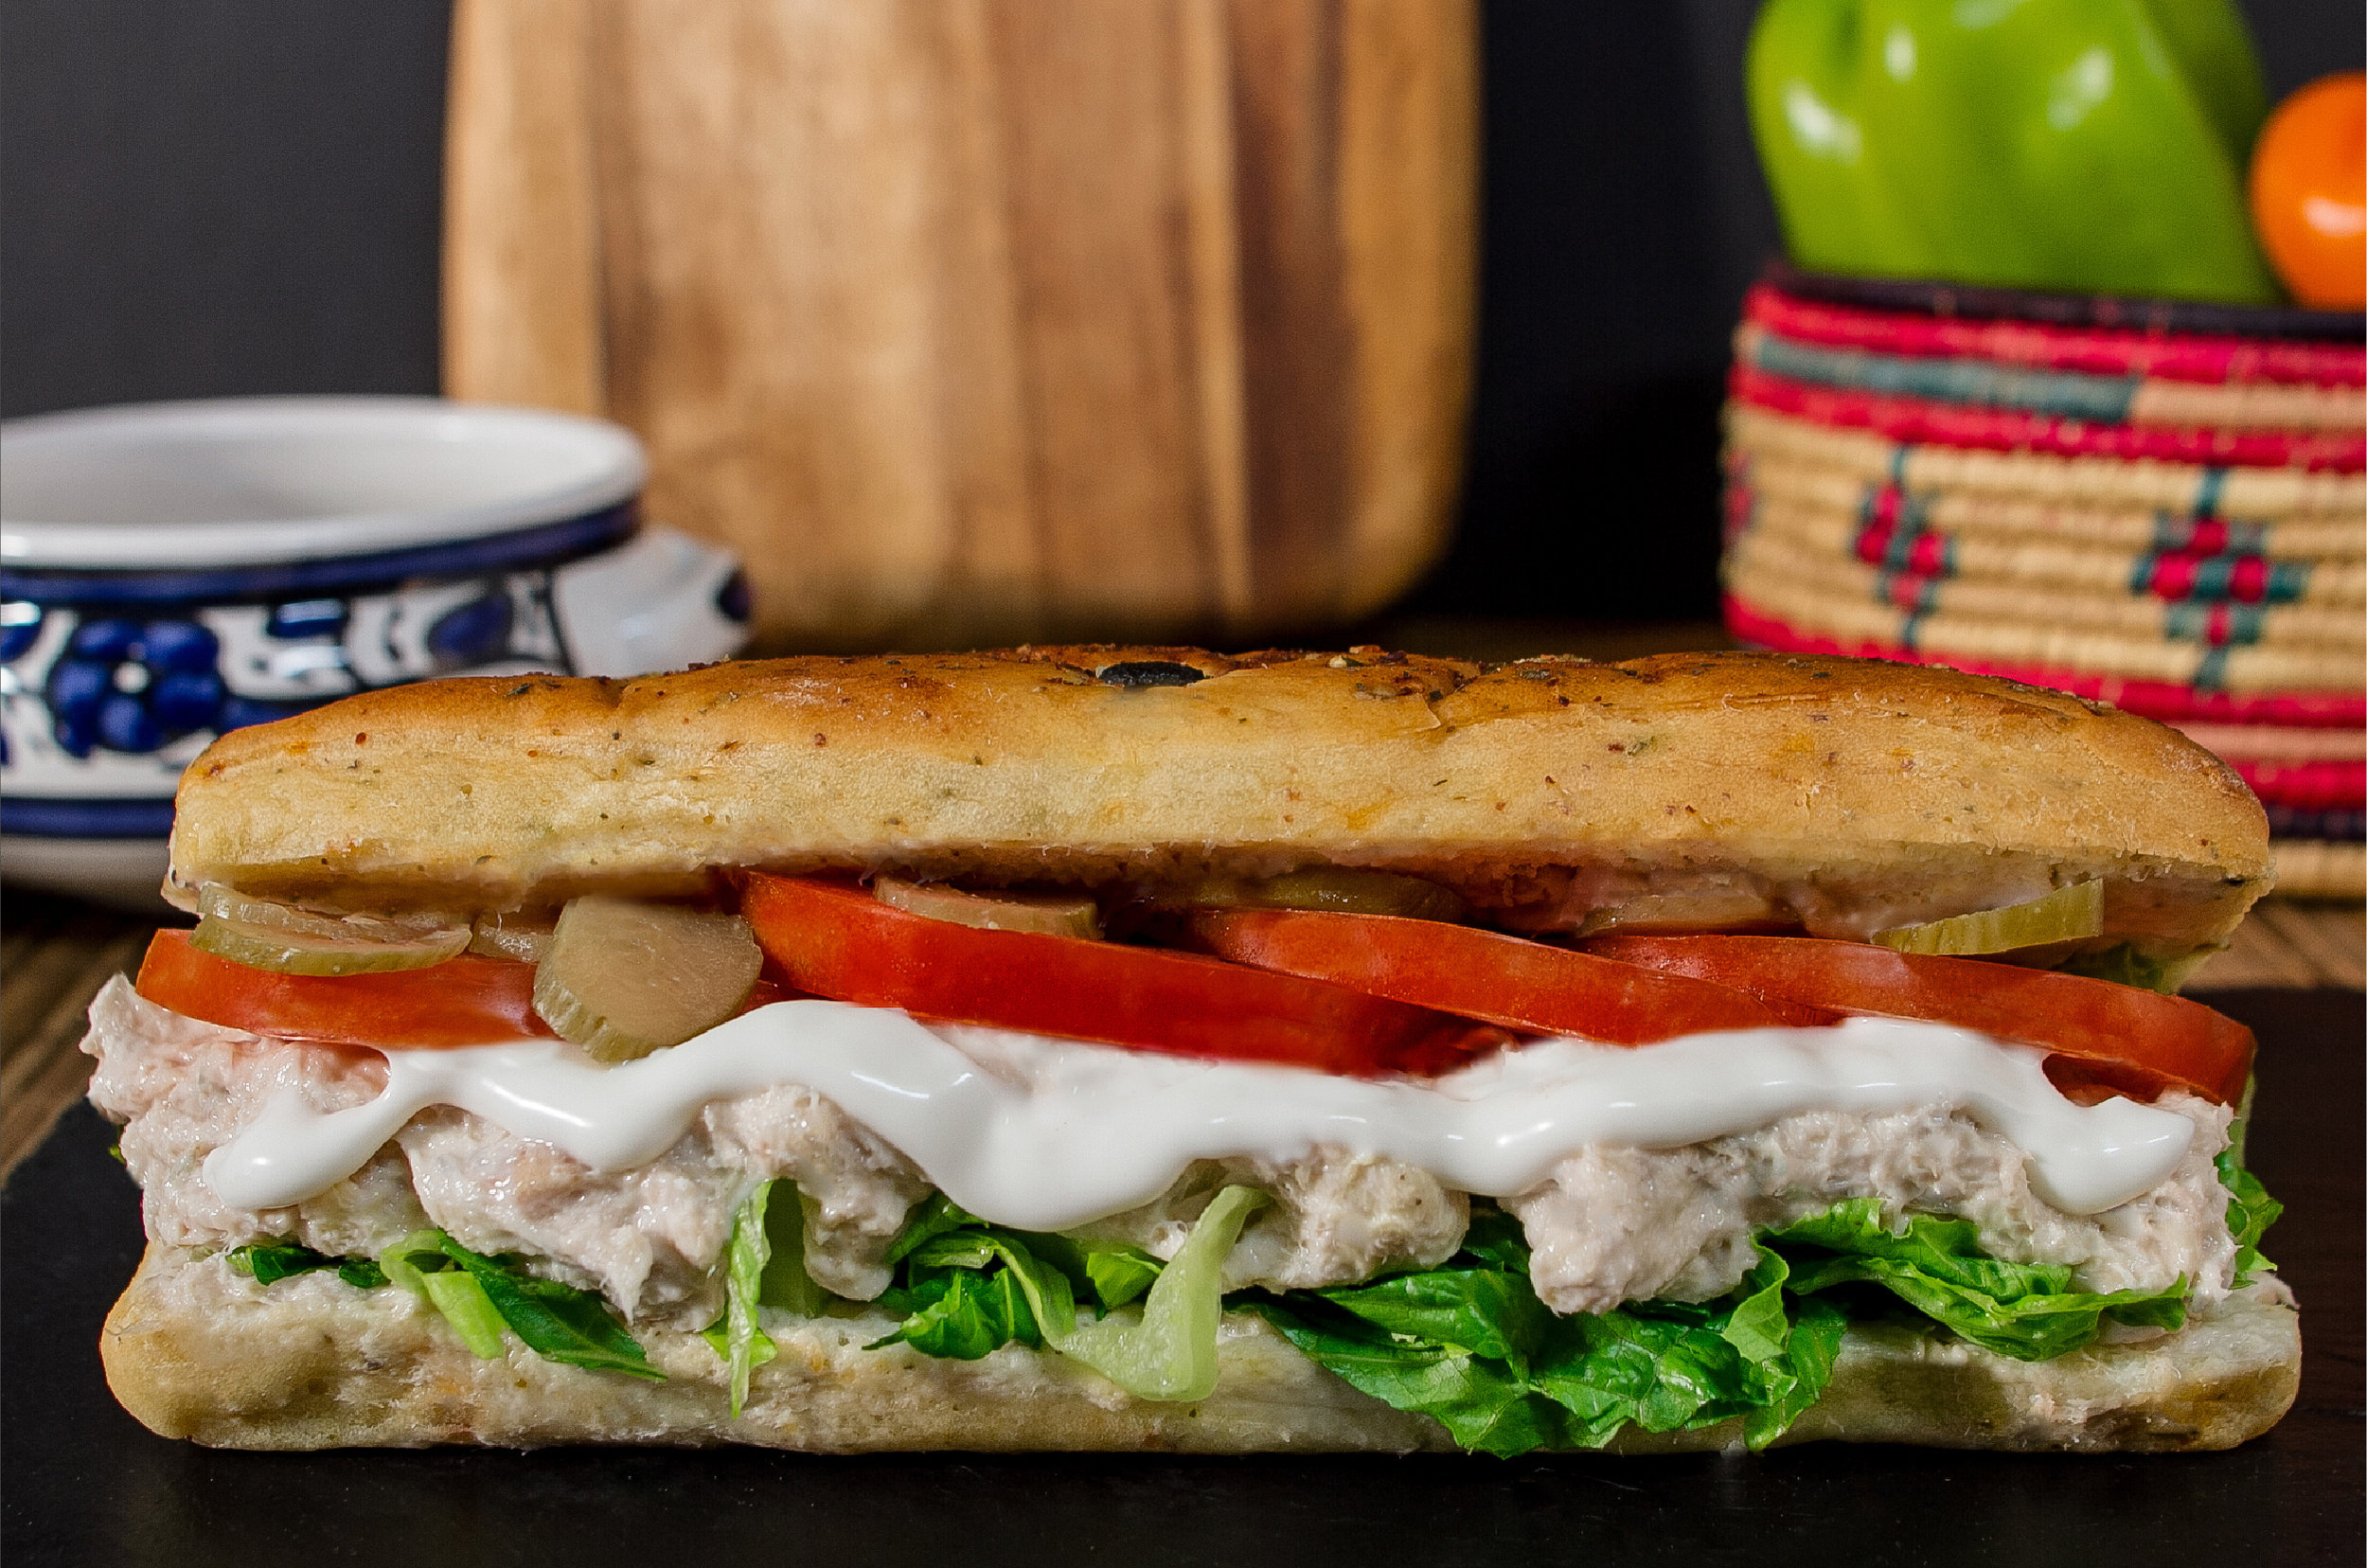 oven_sandwiches_5.jpg